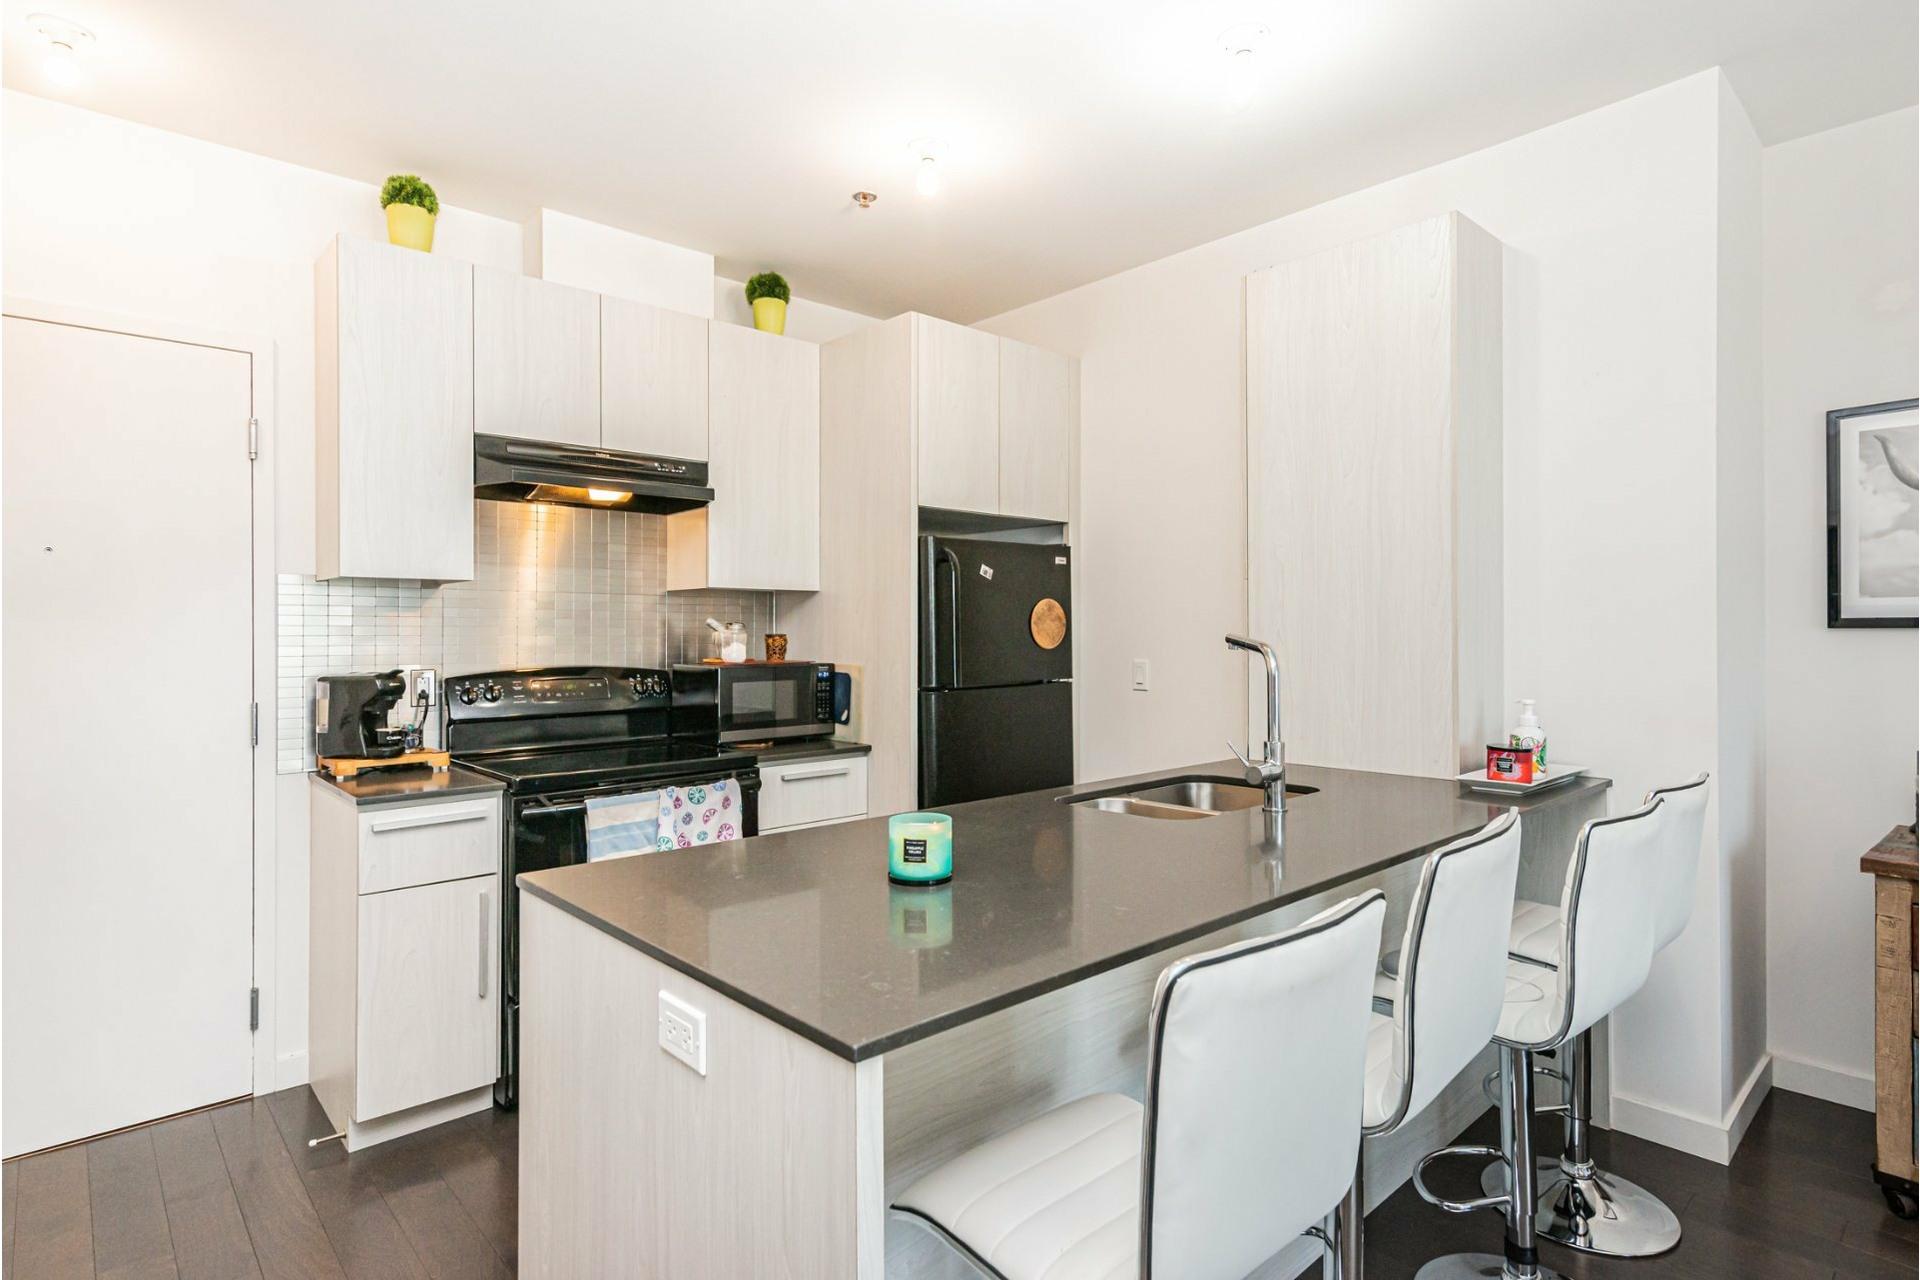 image 9 - Apartment For sale Lachine Montréal  - 4 rooms